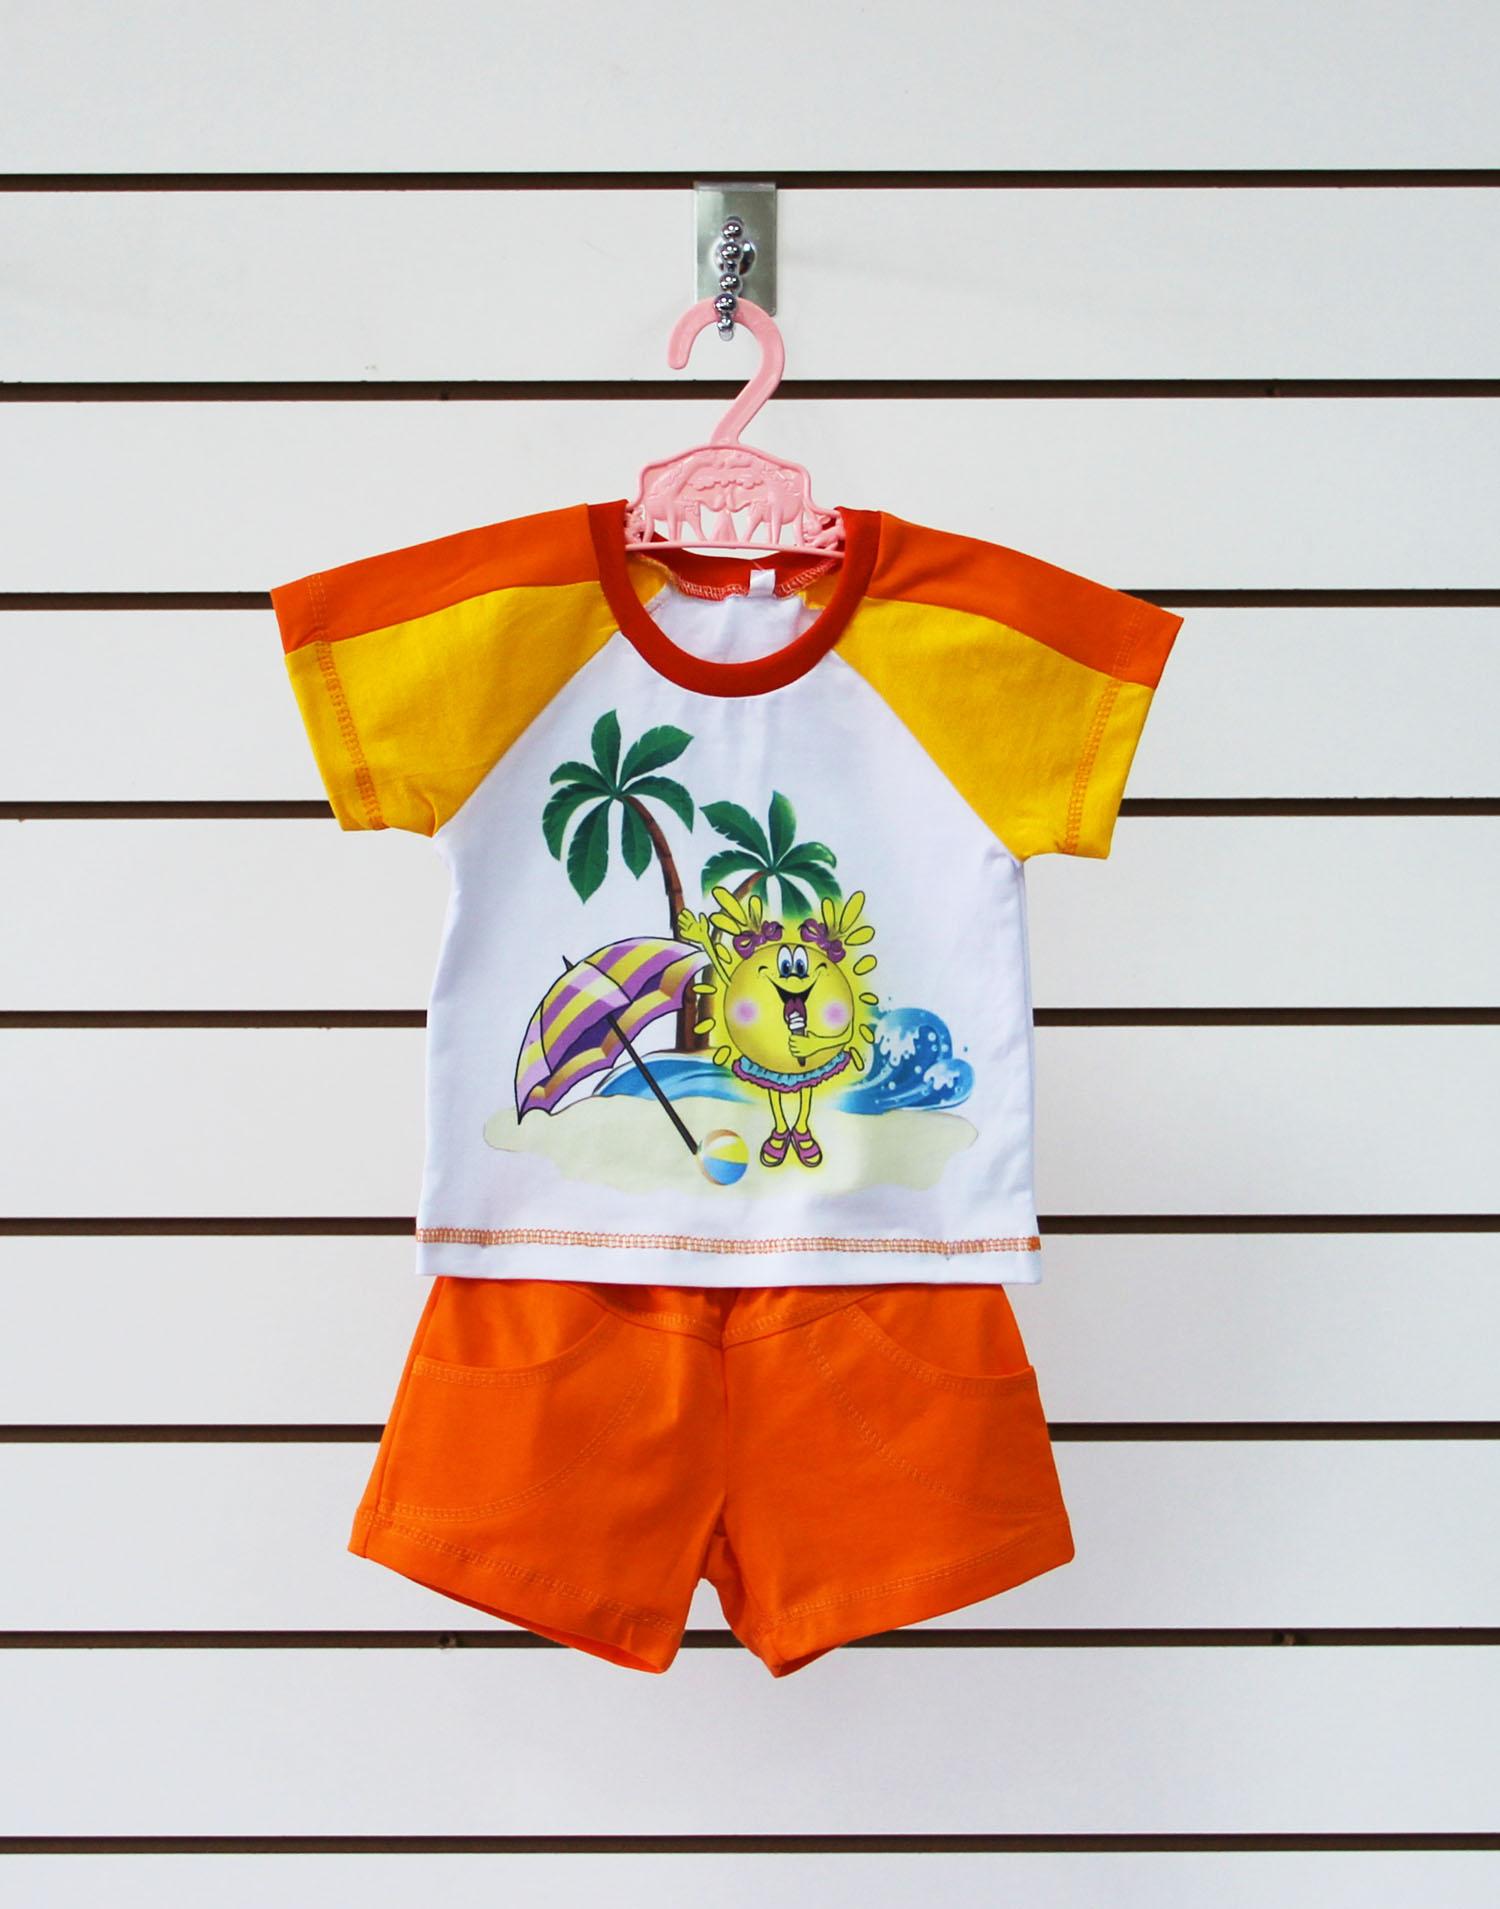 Комплект одежды детский Солнышко футболка рукав реглан и шортыКомплекты и костюмы<br><br><br>Размер: Зеленый